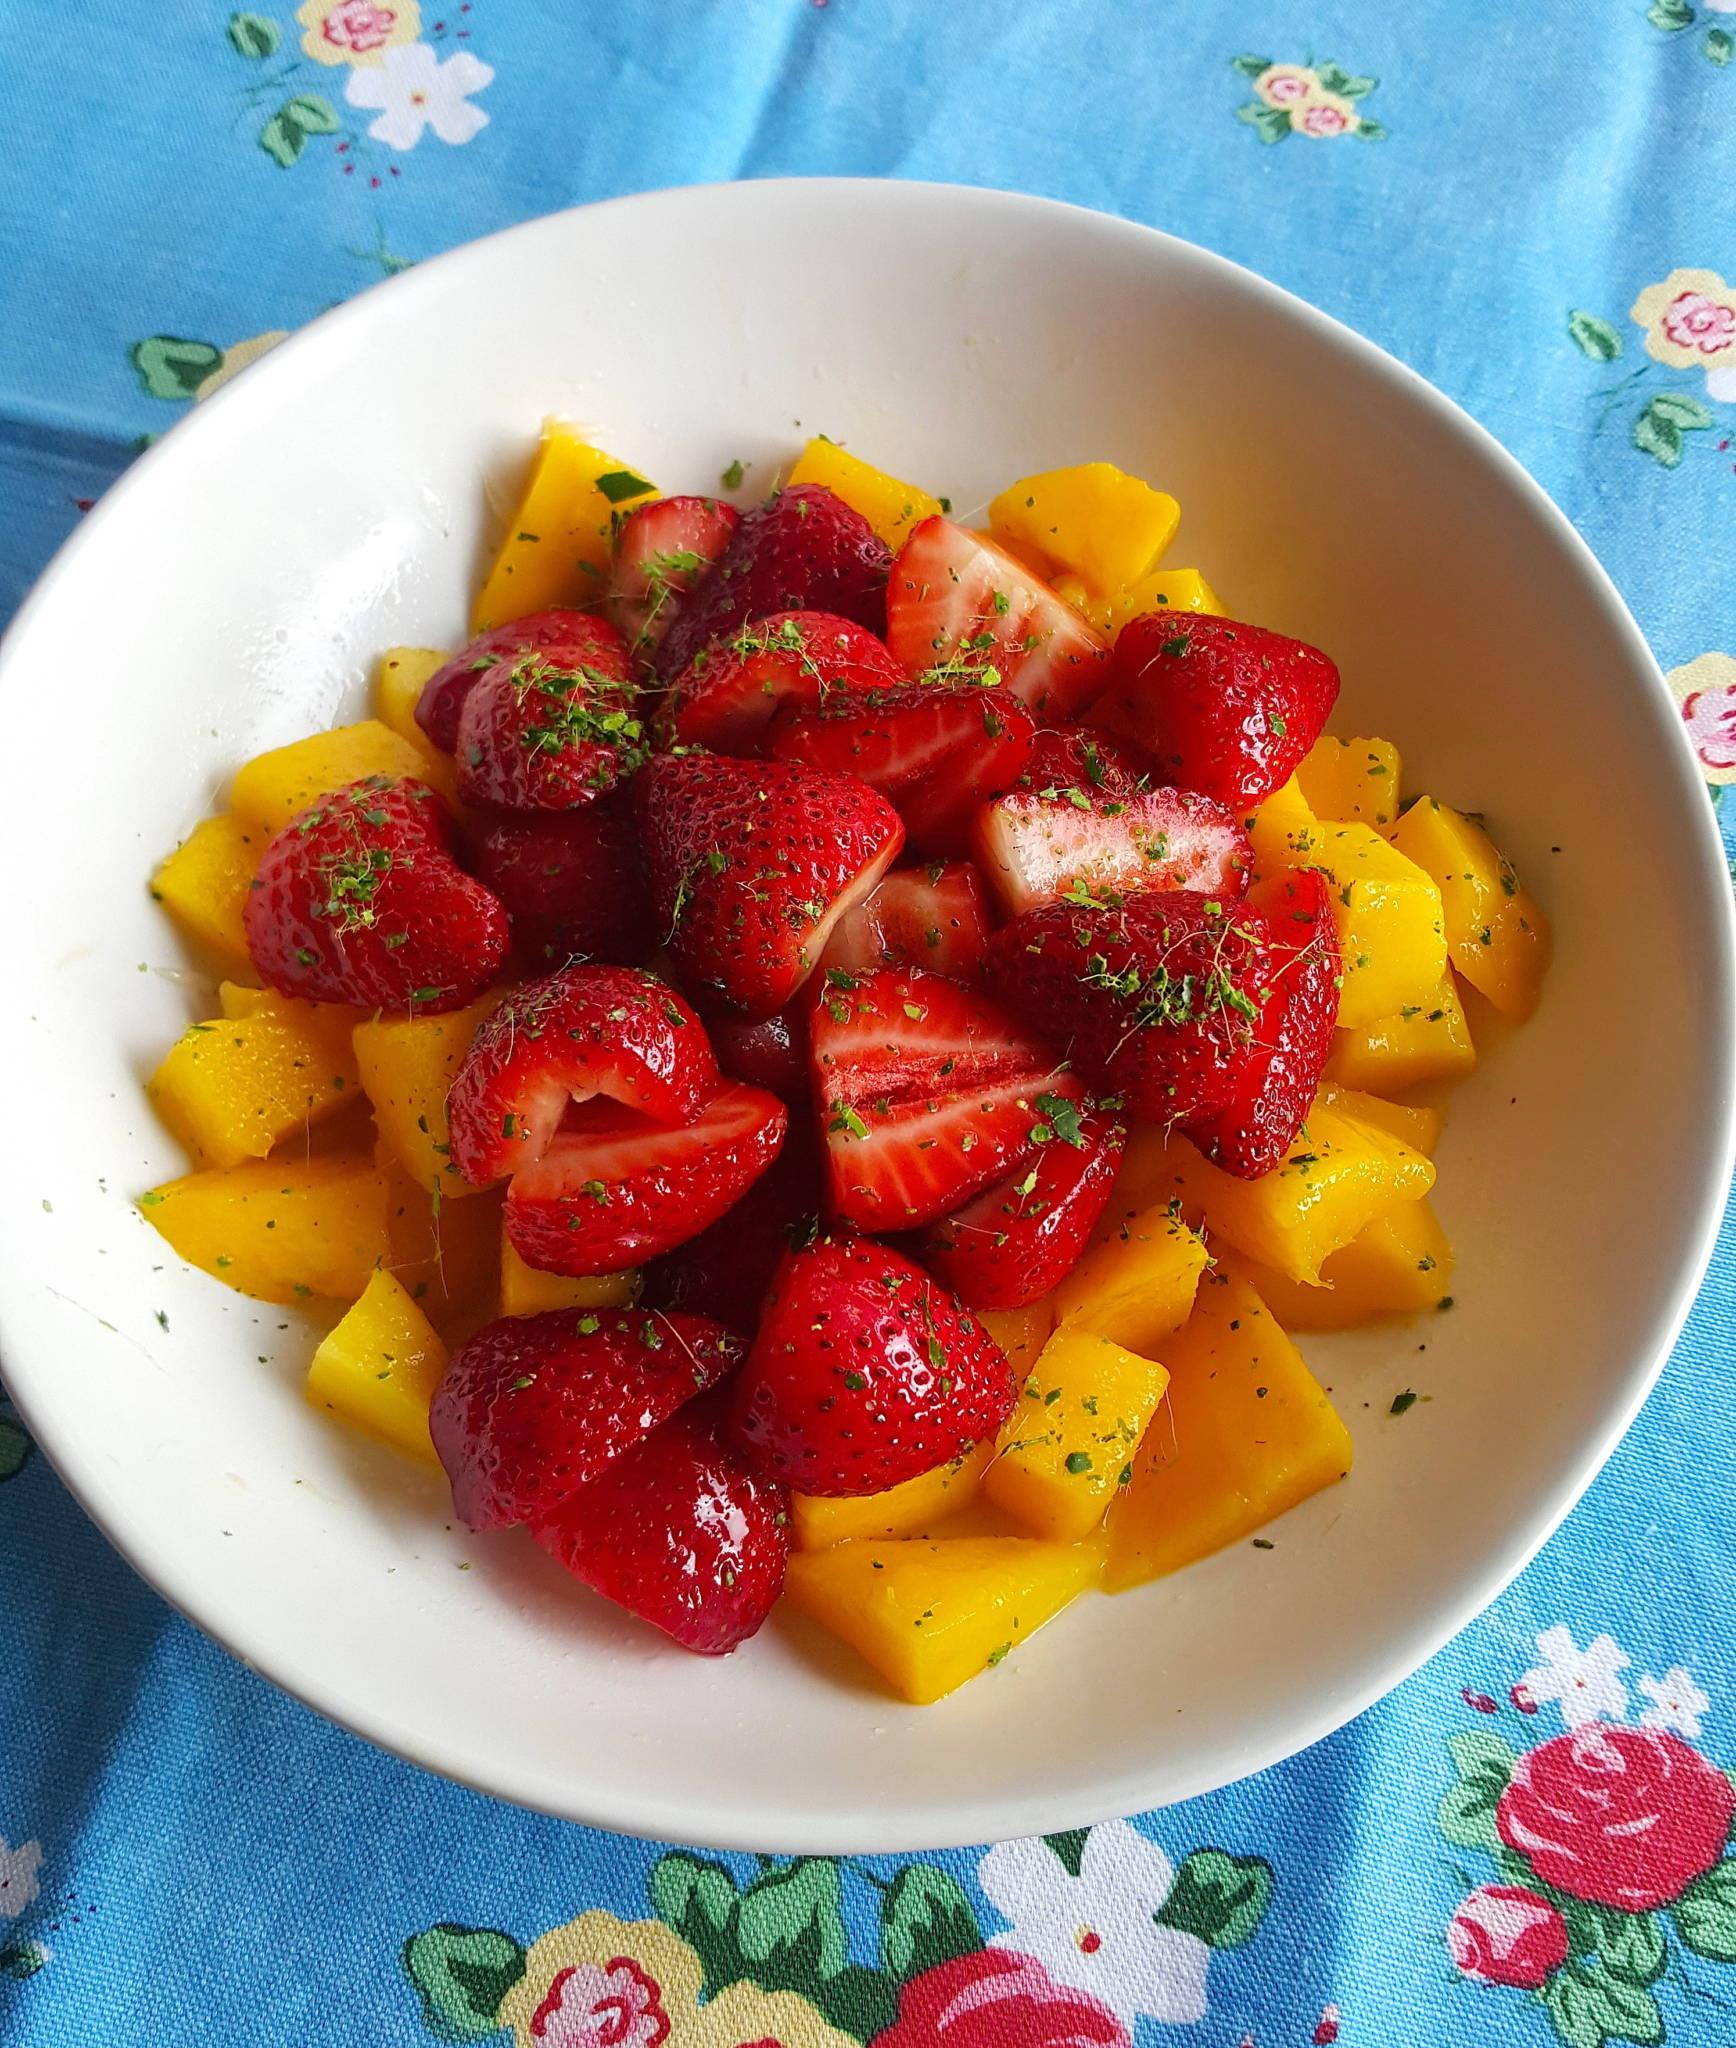 Mango & strawberries